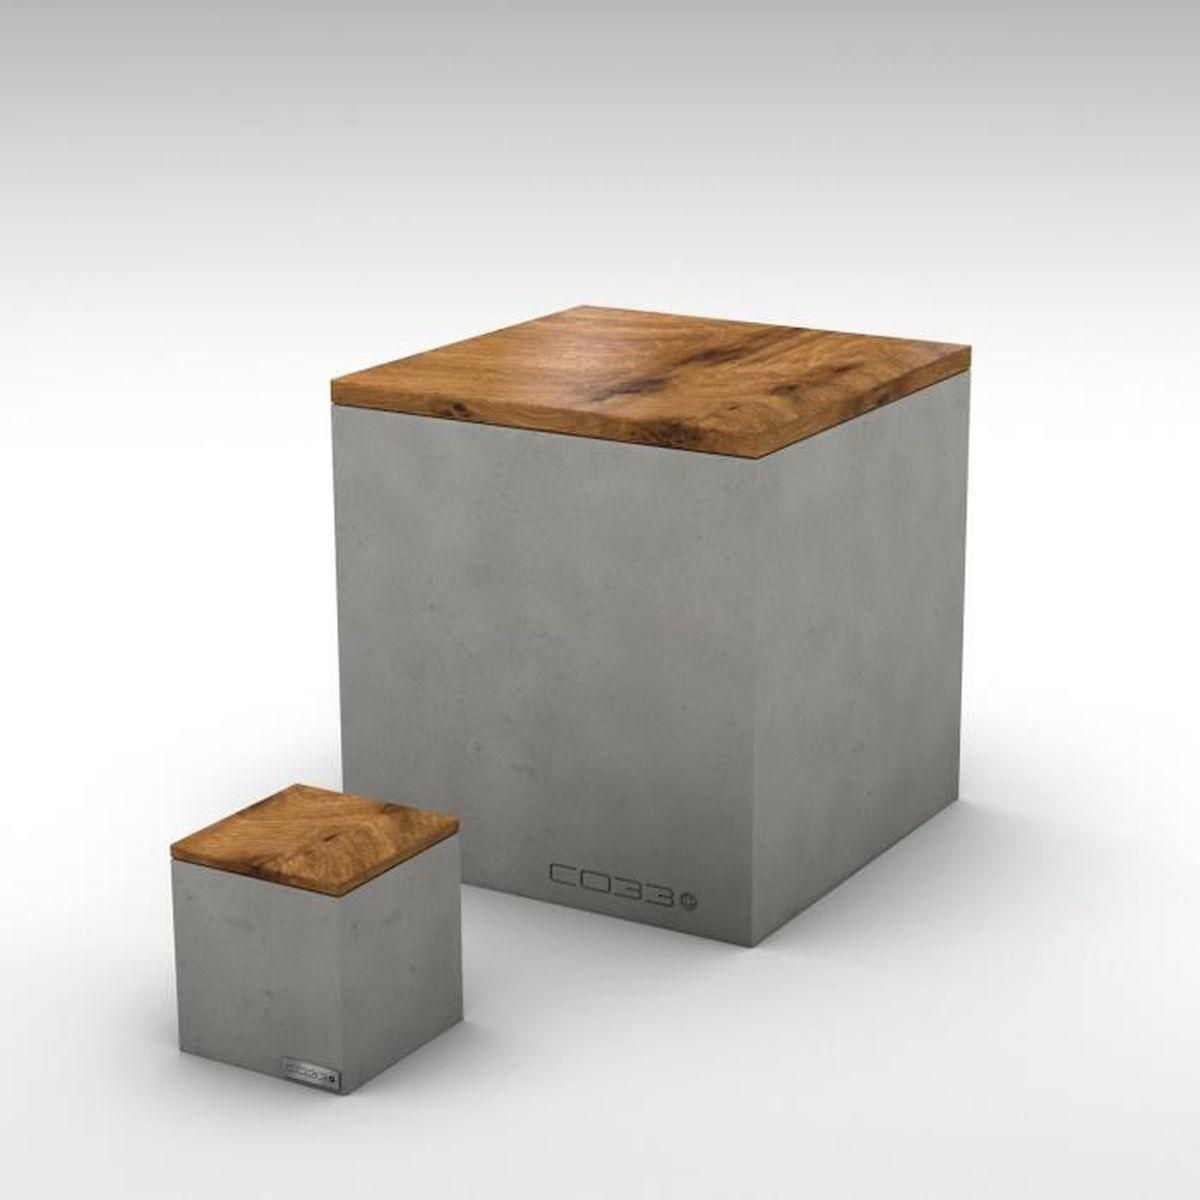 rangement en b ton avec couvercle en bois grand mod le achat vente boite de rangement. Black Bedroom Furniture Sets. Home Design Ideas